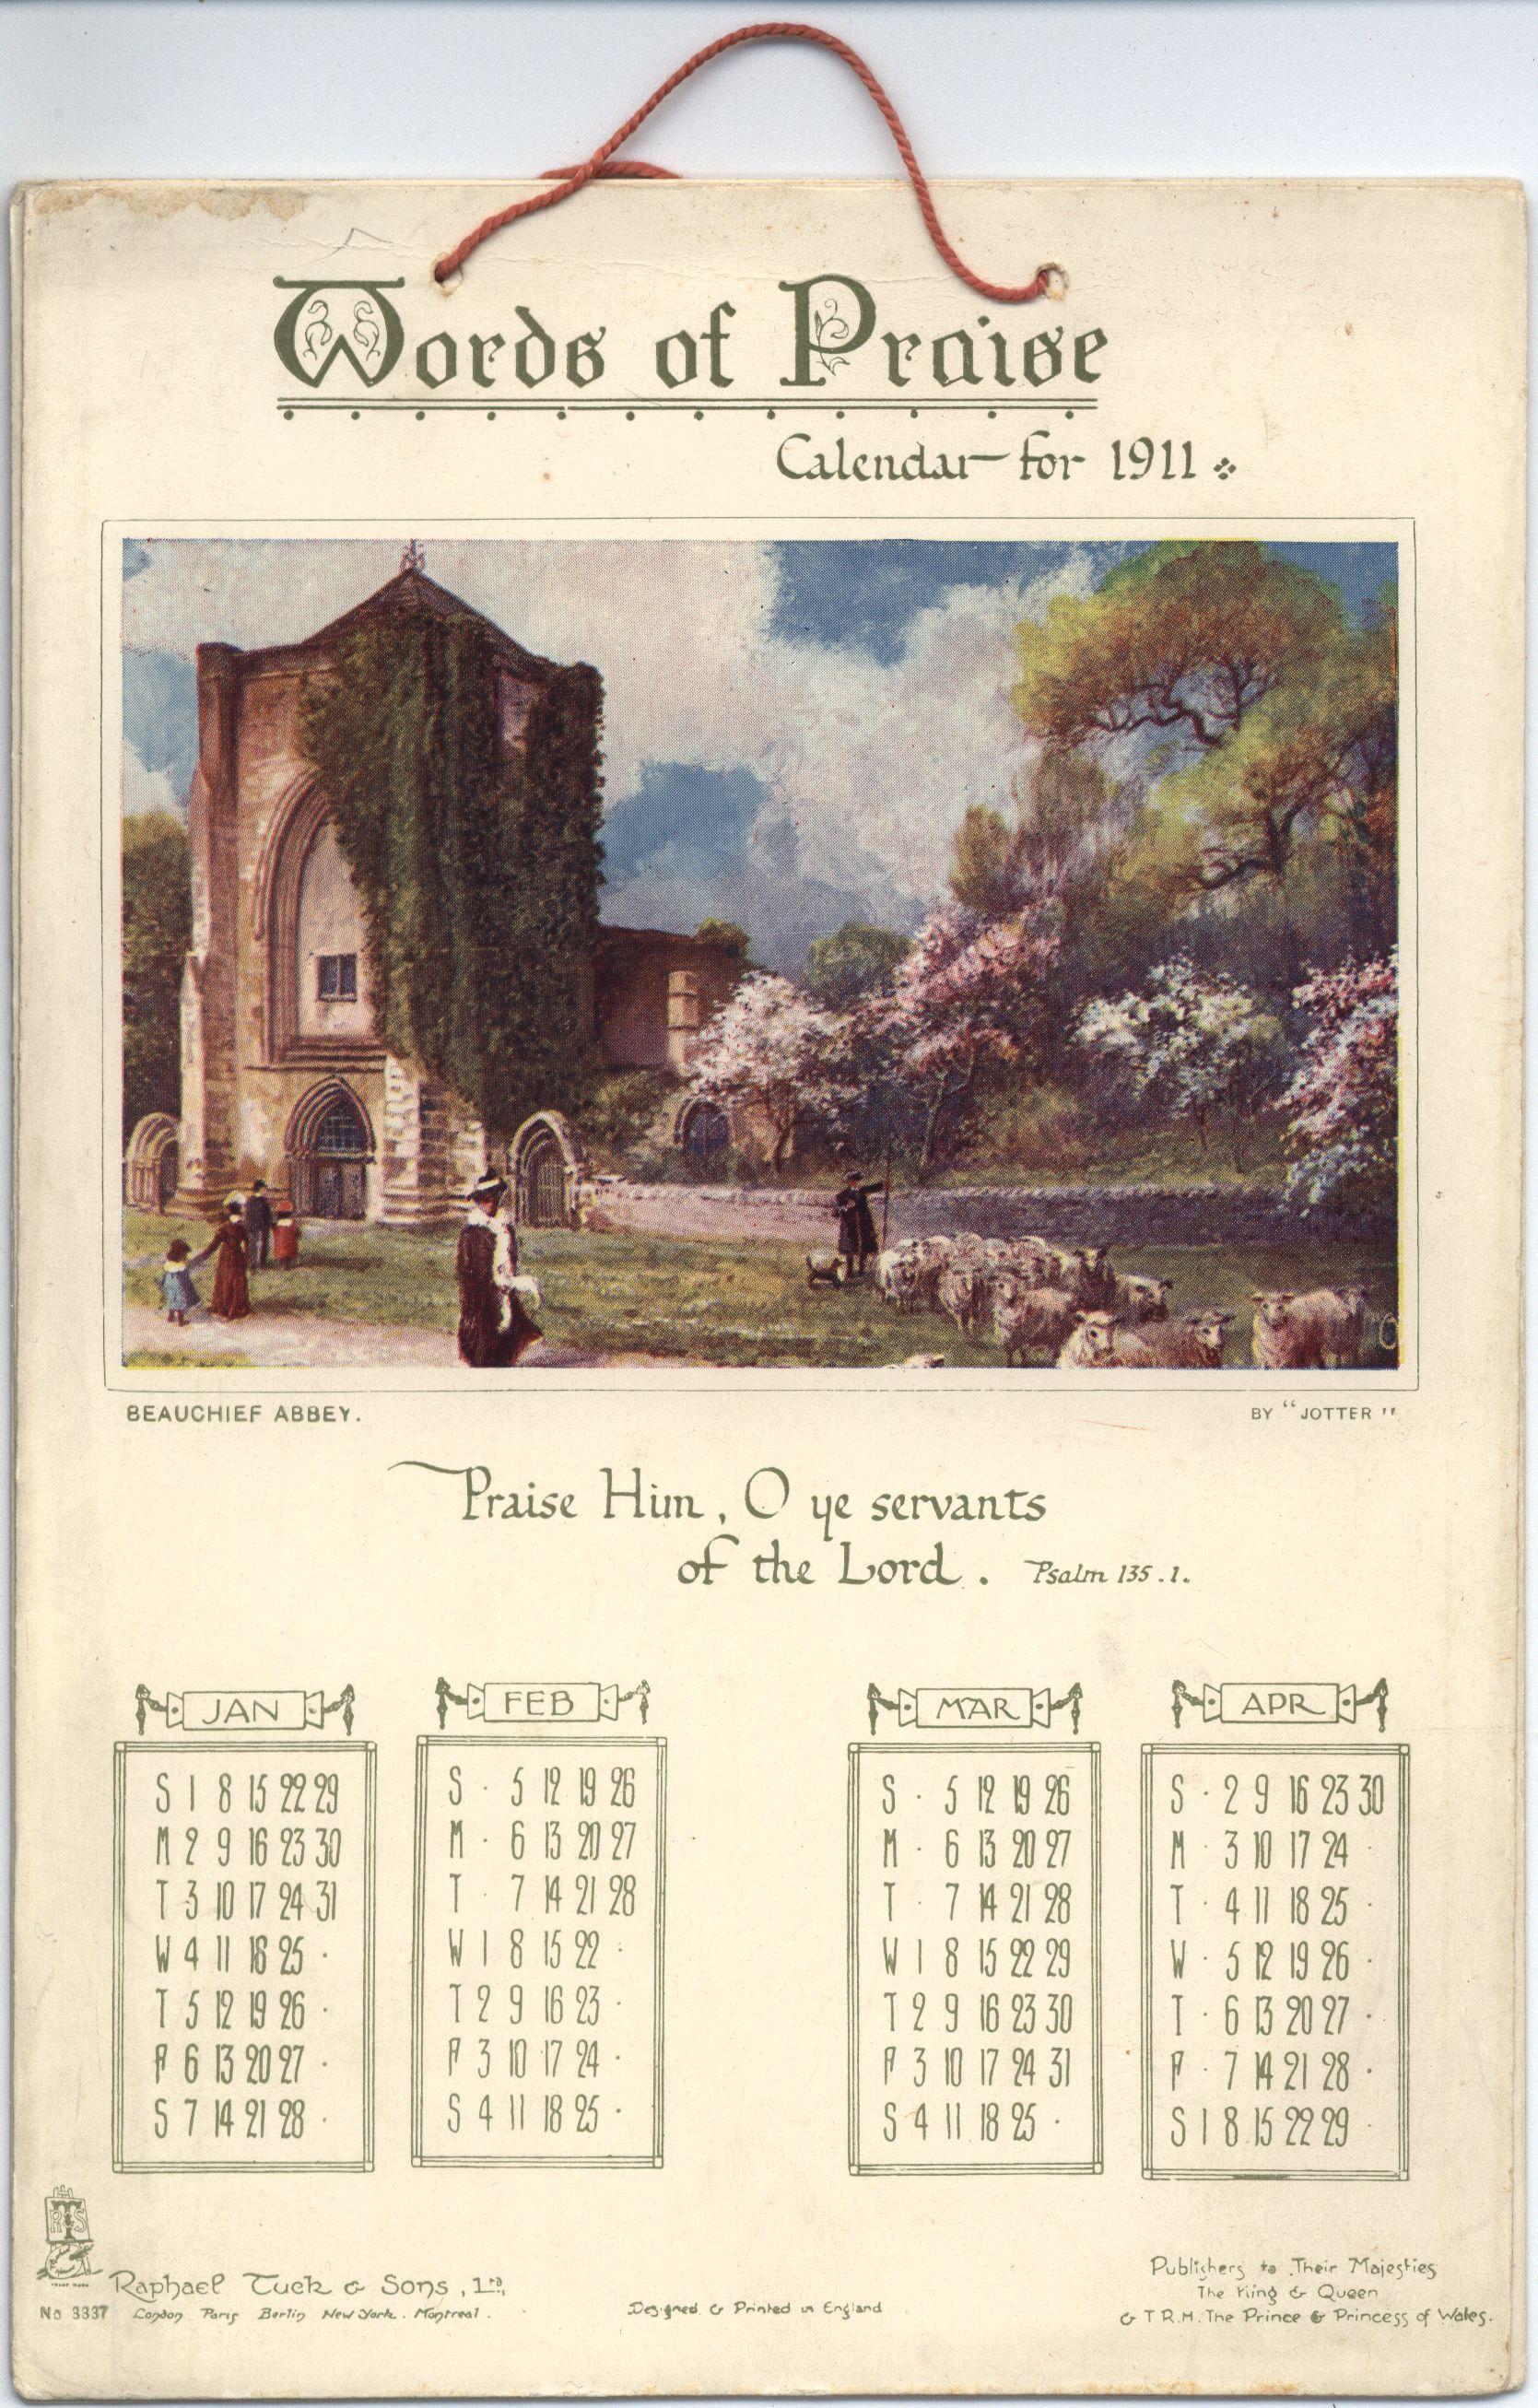 WORDS OF PRAISE CALENDAR FOR 1911